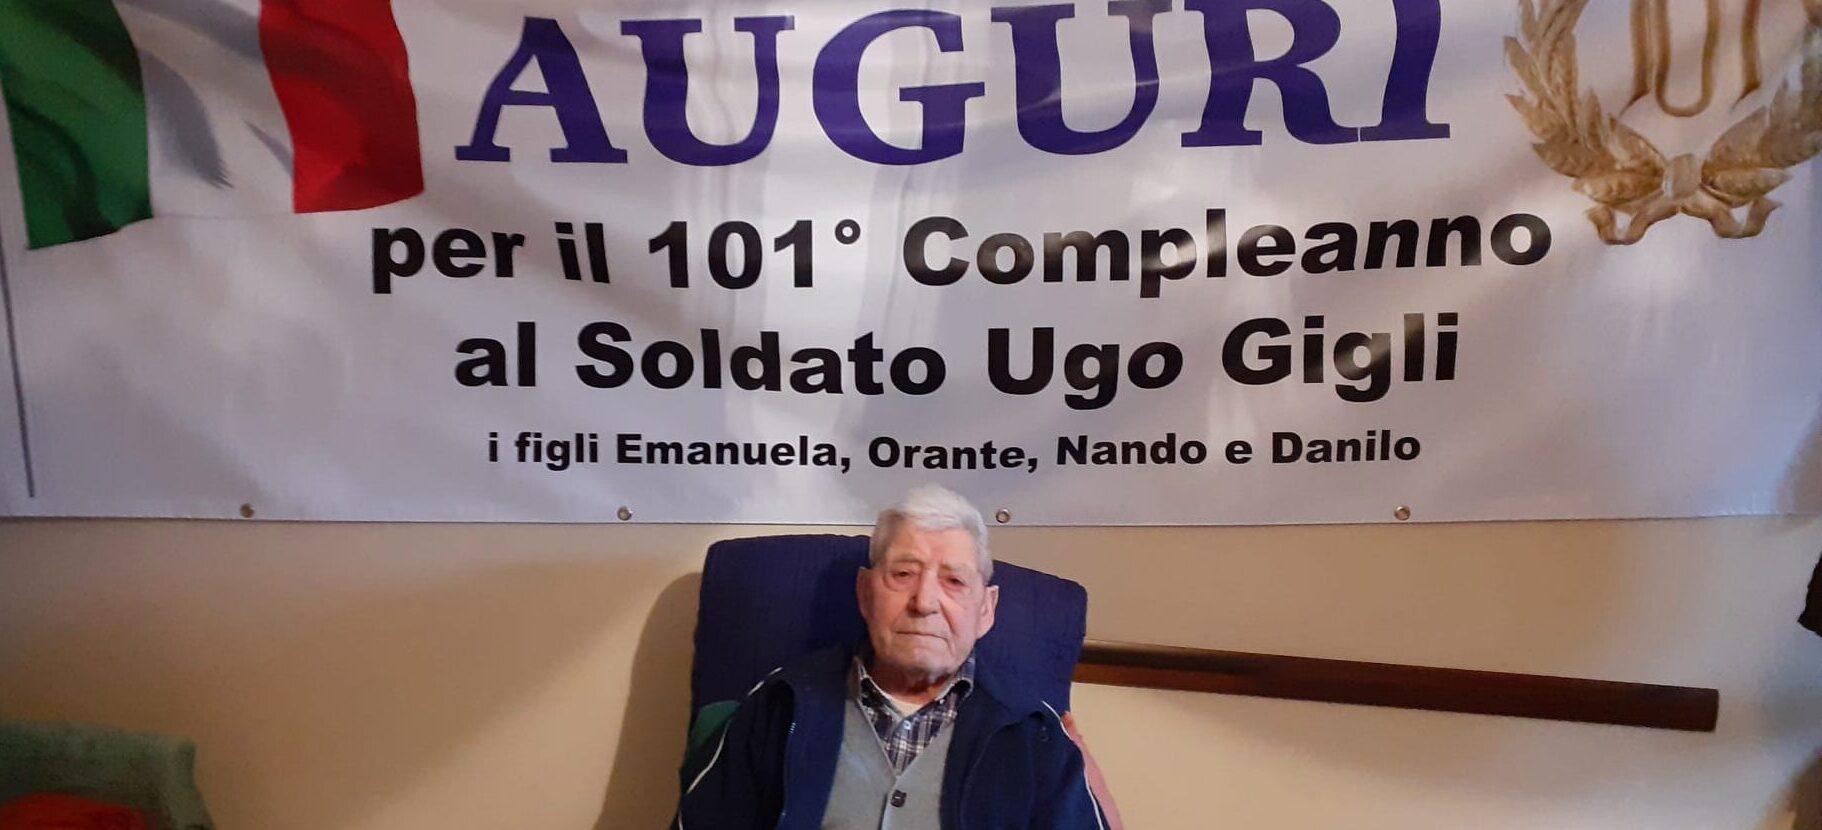 Ortucchio, un super nonno compie 101 anni